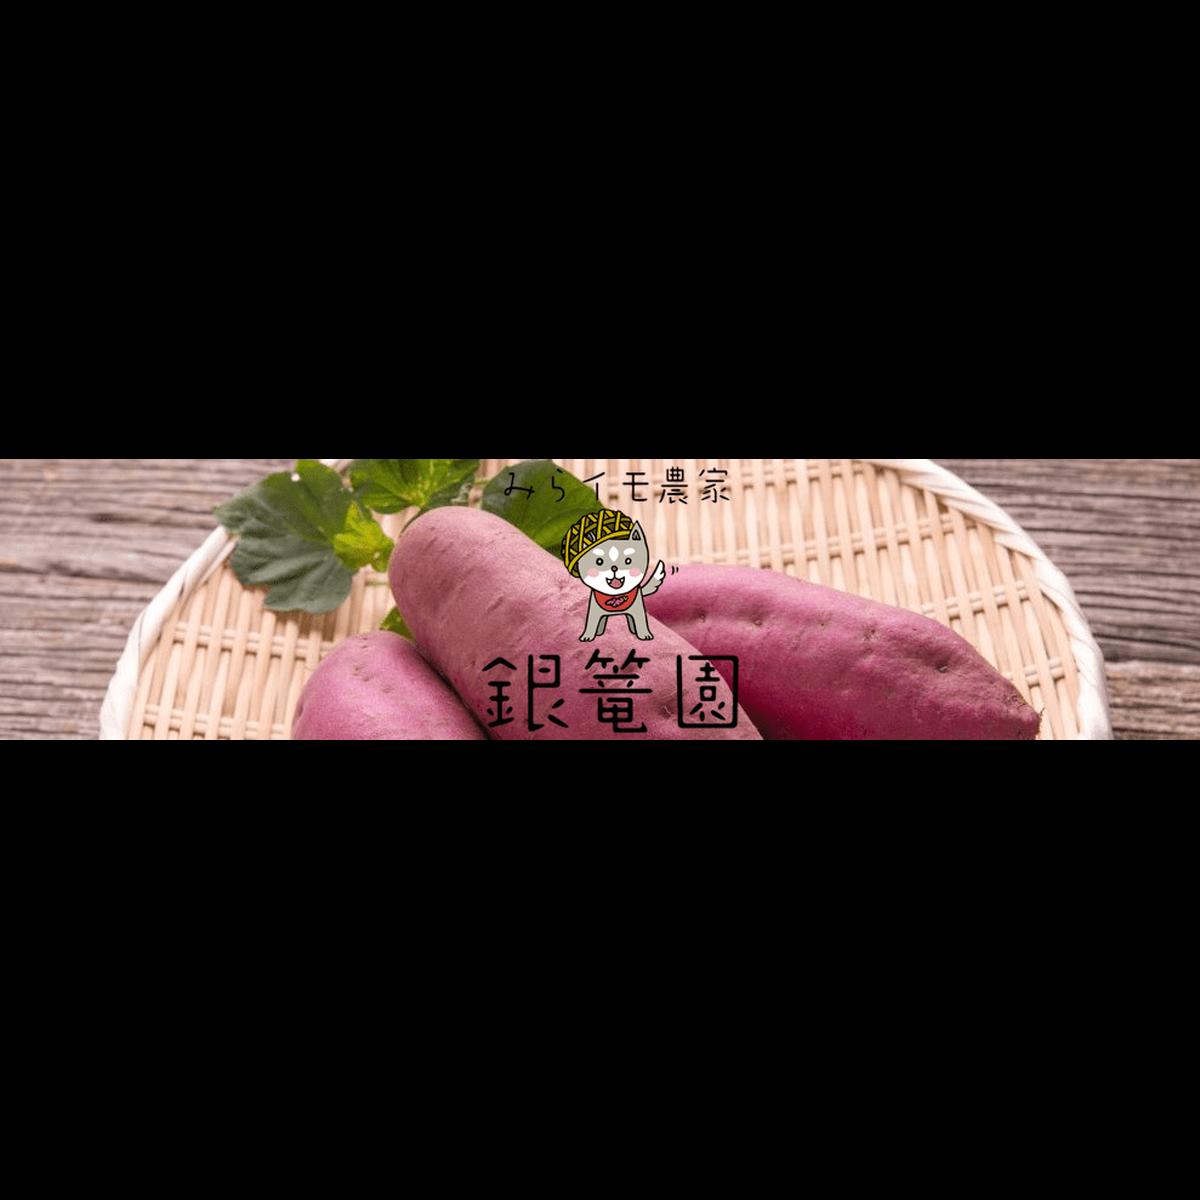 """【マツコ絶賛の干し芋!】""""マツコの知らない世界""""で紹介されている干し芋はどこで購入できる?【干し芋の世界】"""